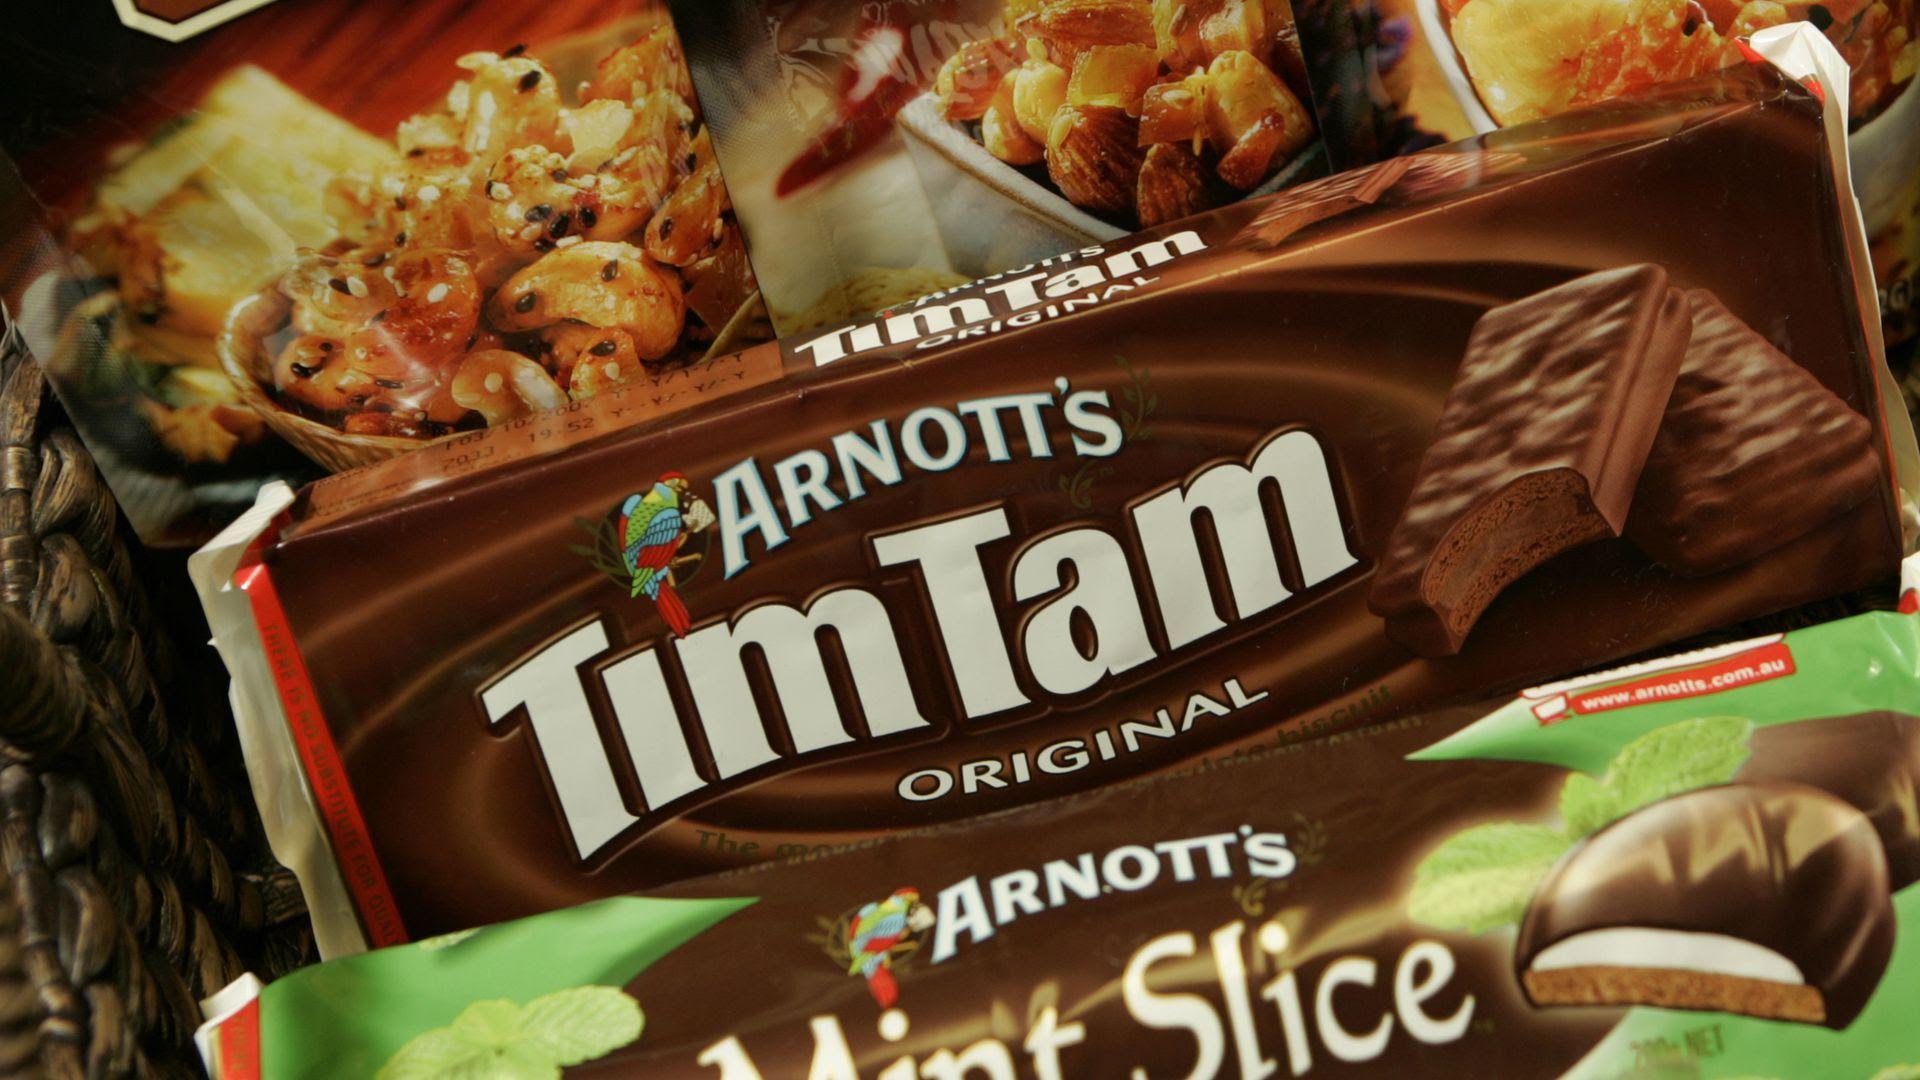 Arnott's TimTam snack